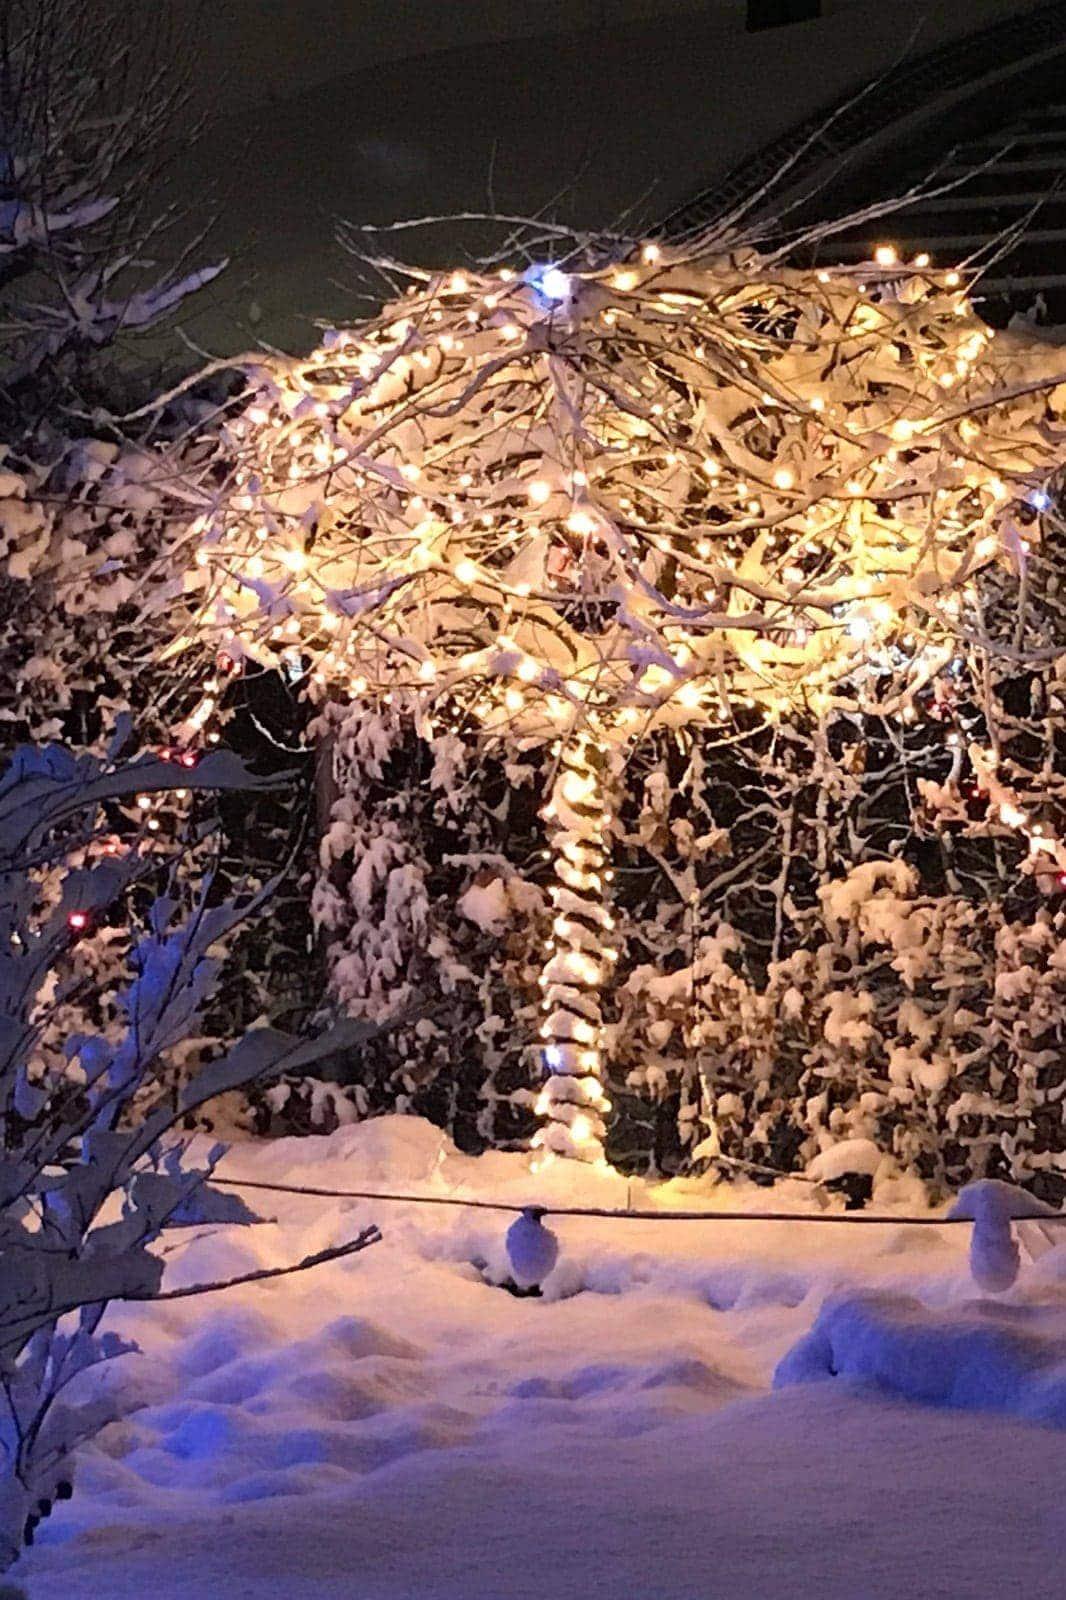 kerstverlichting koppelbaar boomverlichting